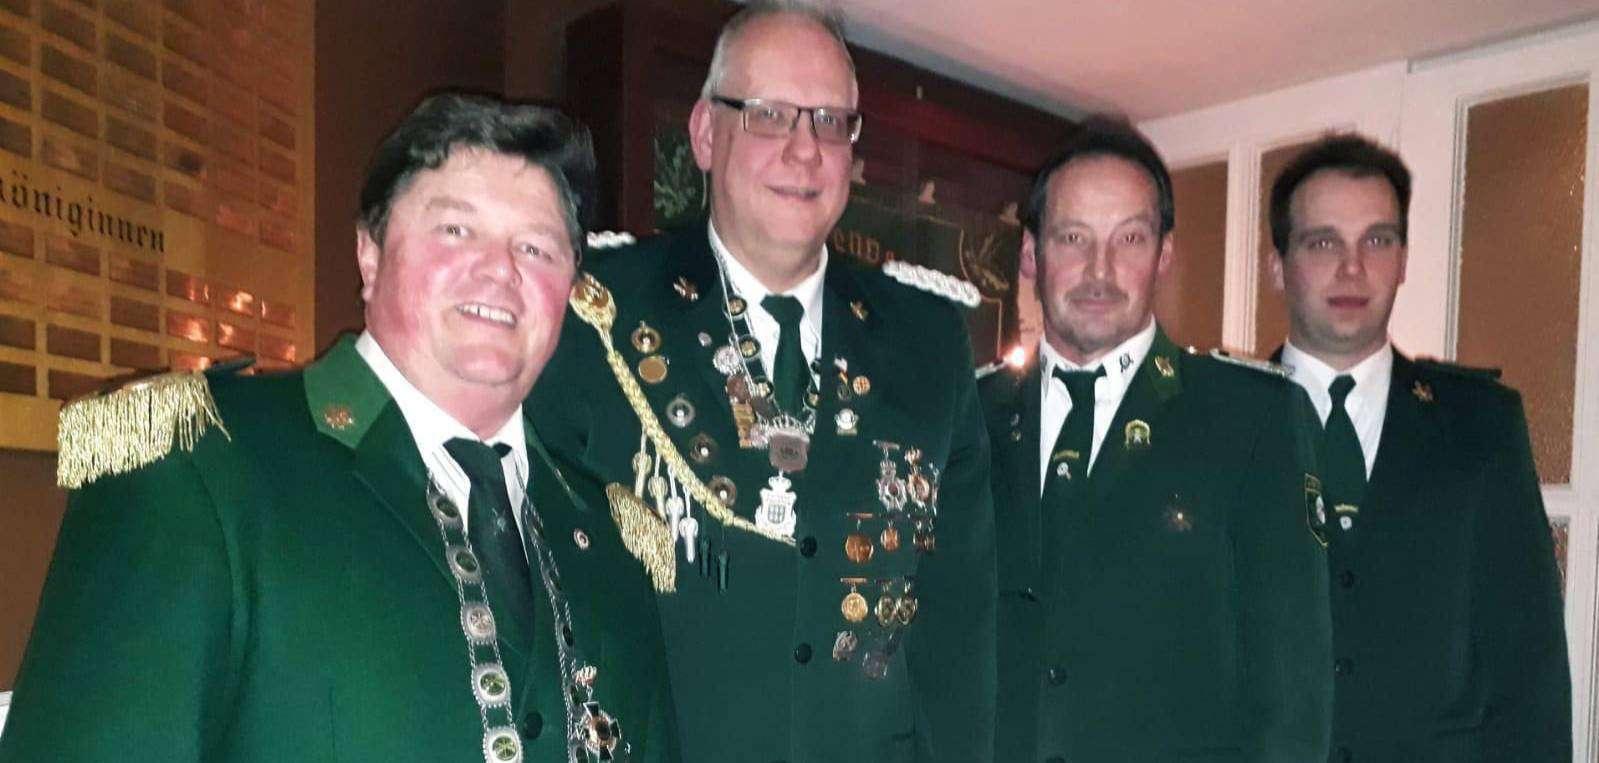 Der erste Vorsitzende Marcel Klatt (von links) mit Heiko Tietjen, Niko Meyer und Schützenkönig Heiko Wahlers